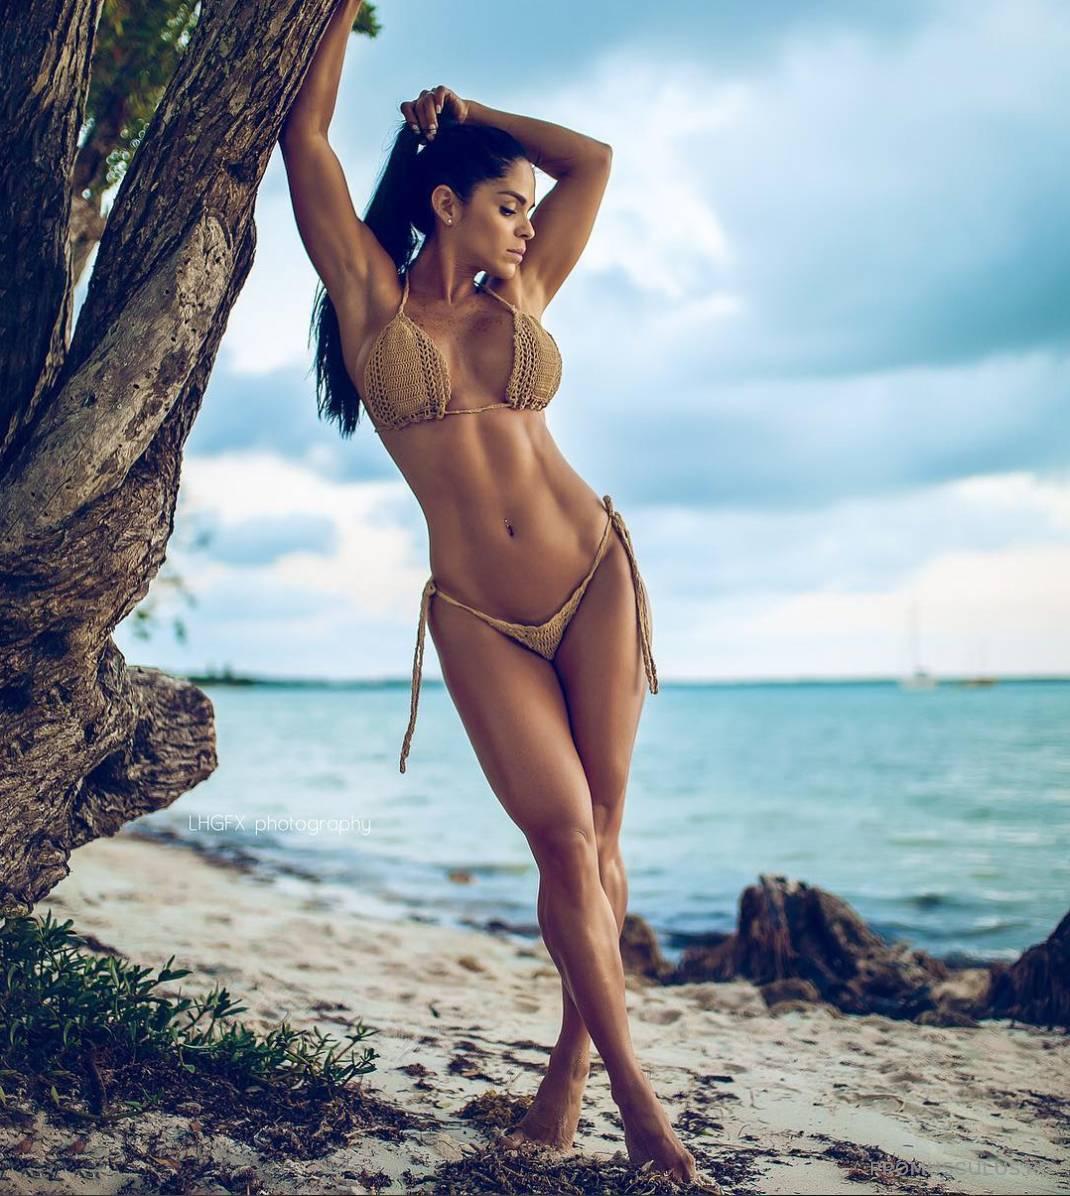 """Фитнес-модель мишель левин сбросила одежду и показала свои самые сочные места: """"cuerpo perfecto!"""""""